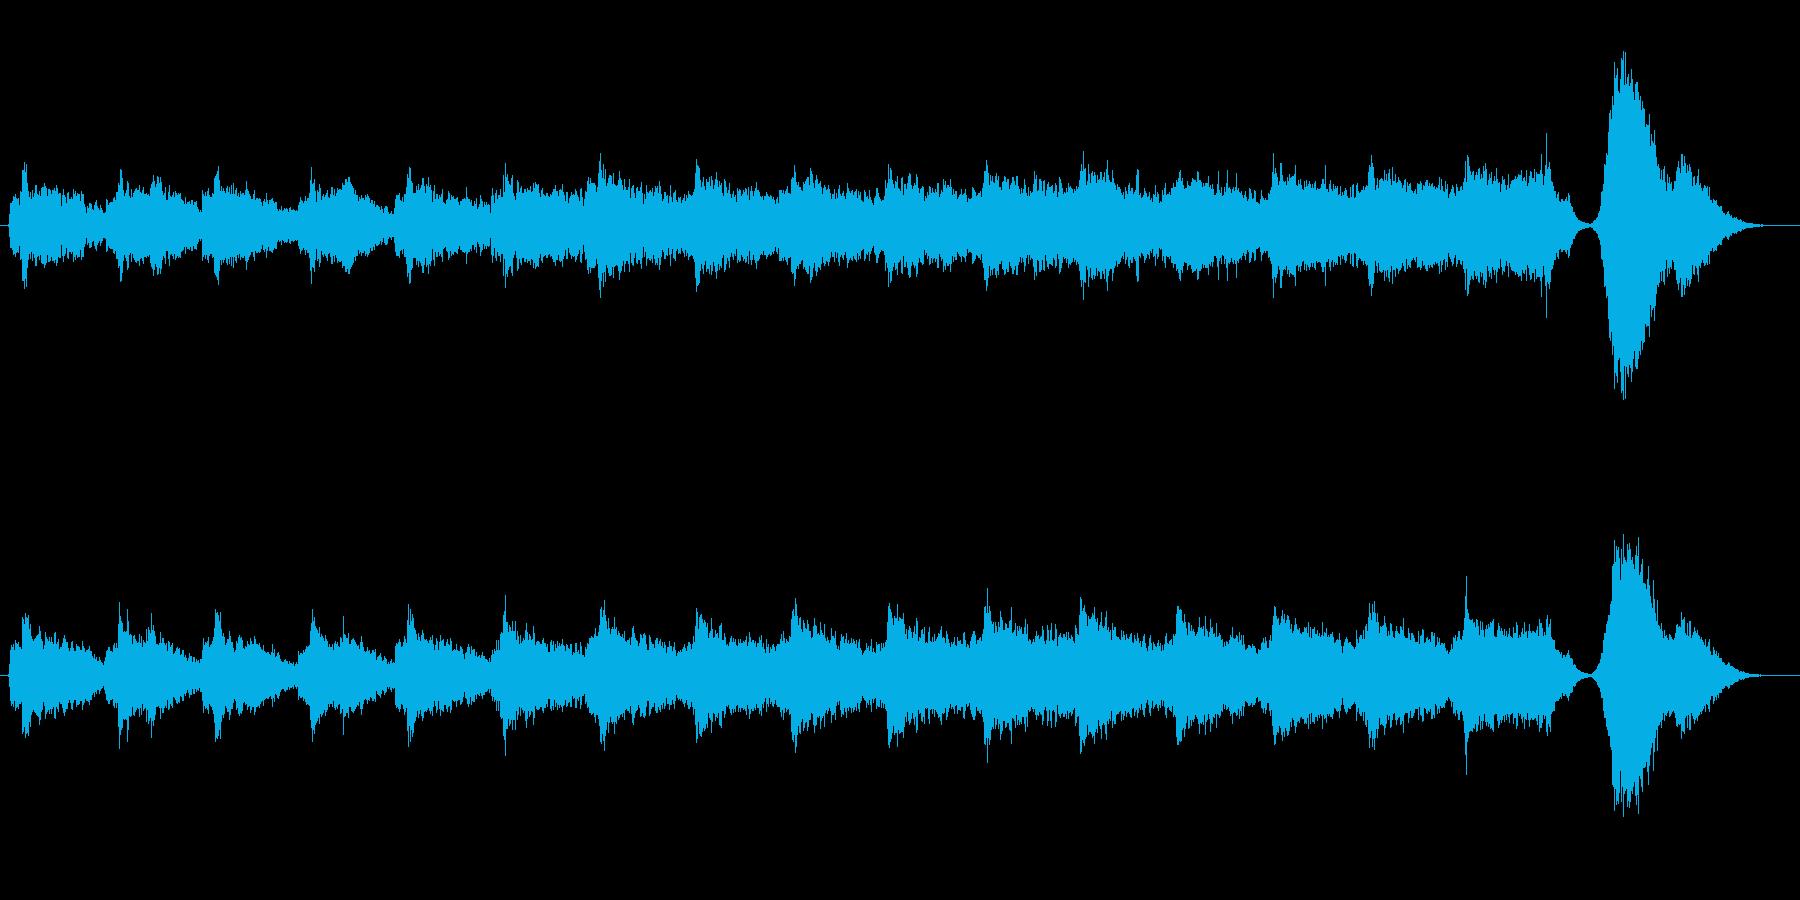 ミステリー、ホラー向き楽曲。高音の弦楽…の再生済みの波形